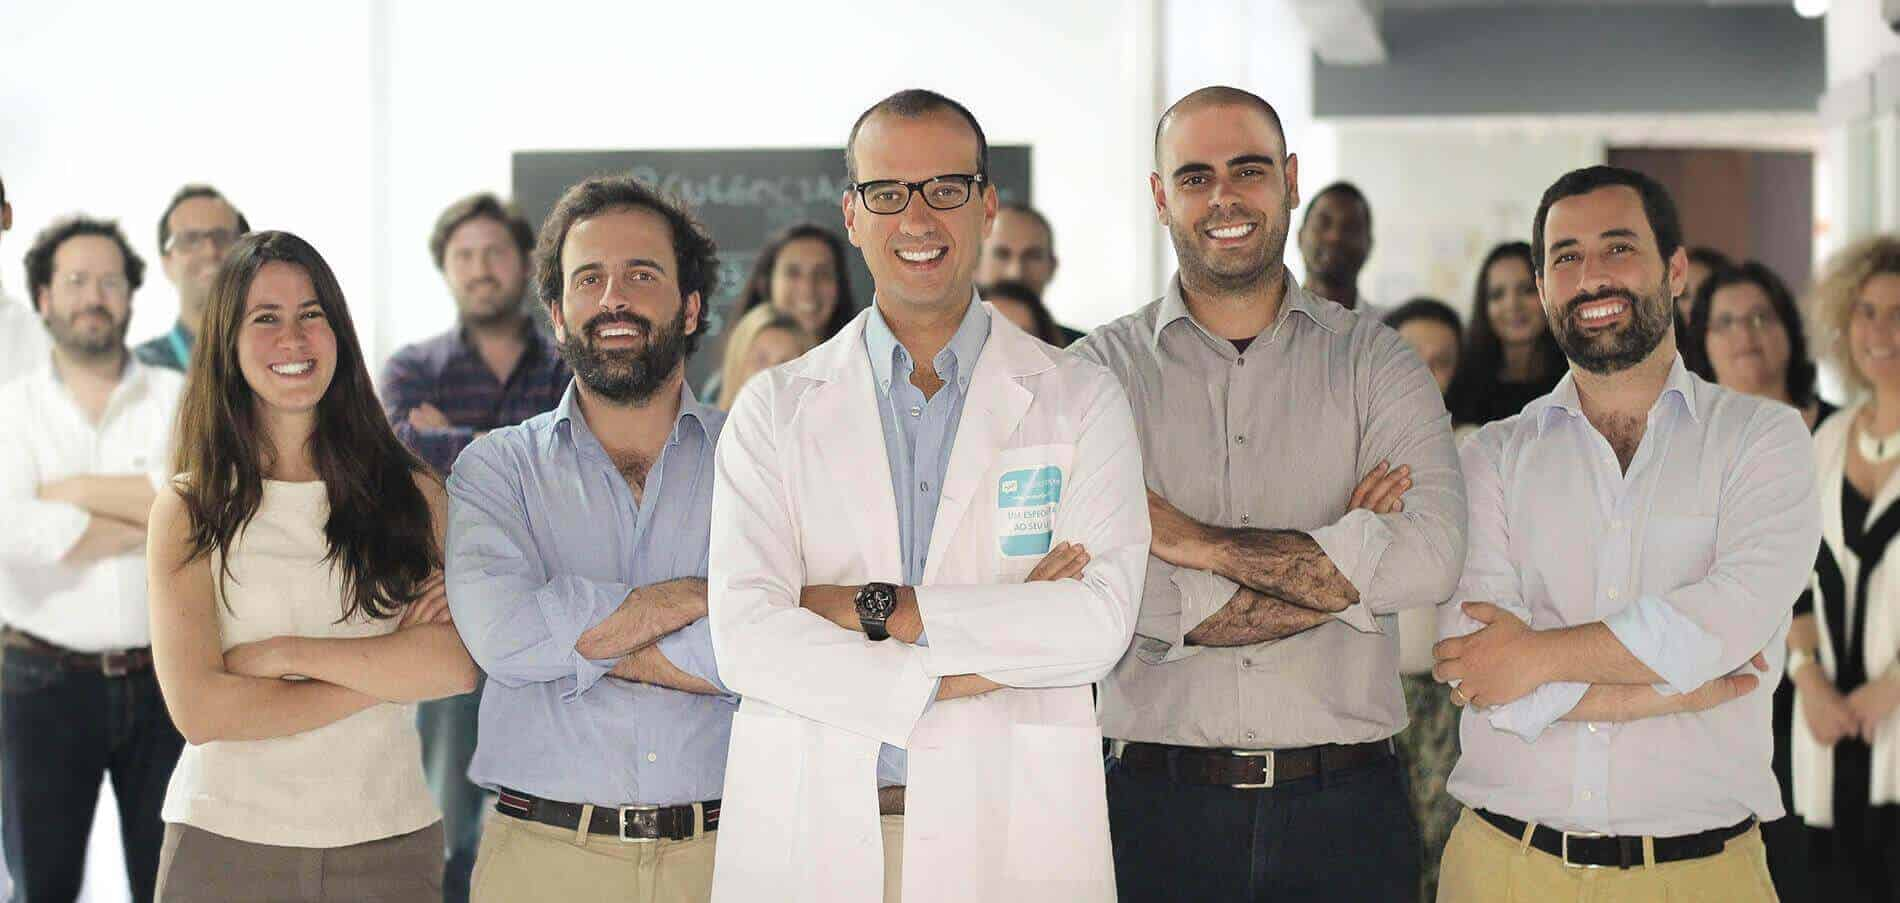 equipa-doutor-financas-1.jpg